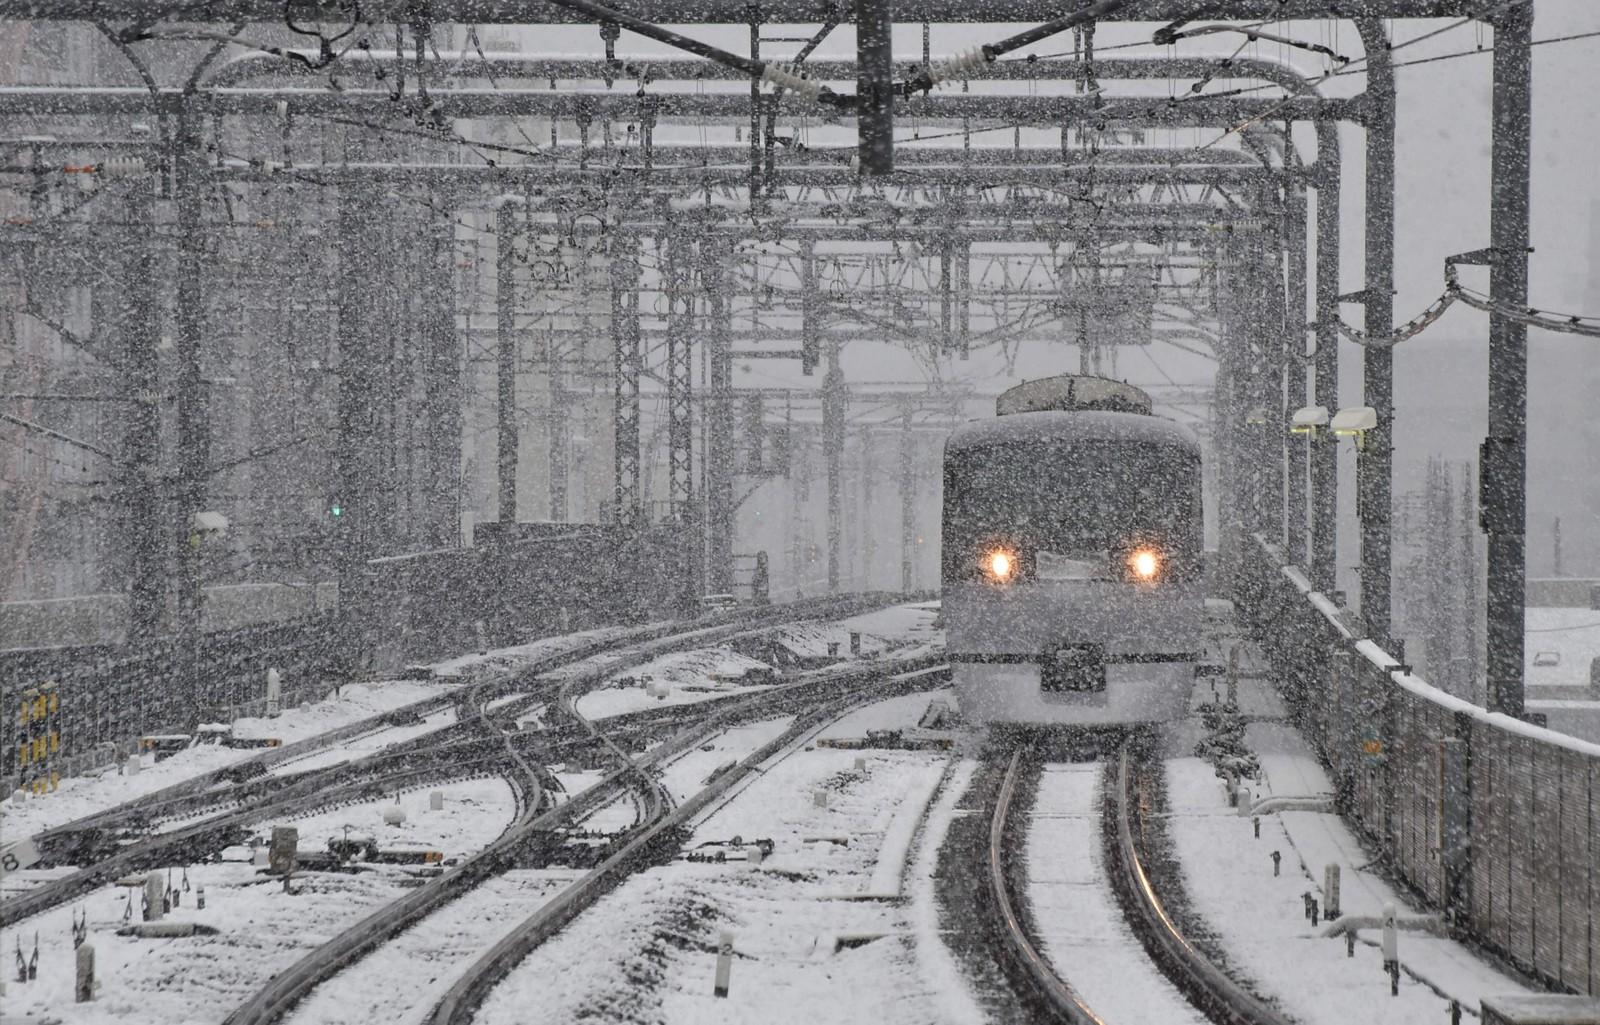 Snøen førte til forseinkingar i togtrafikken.